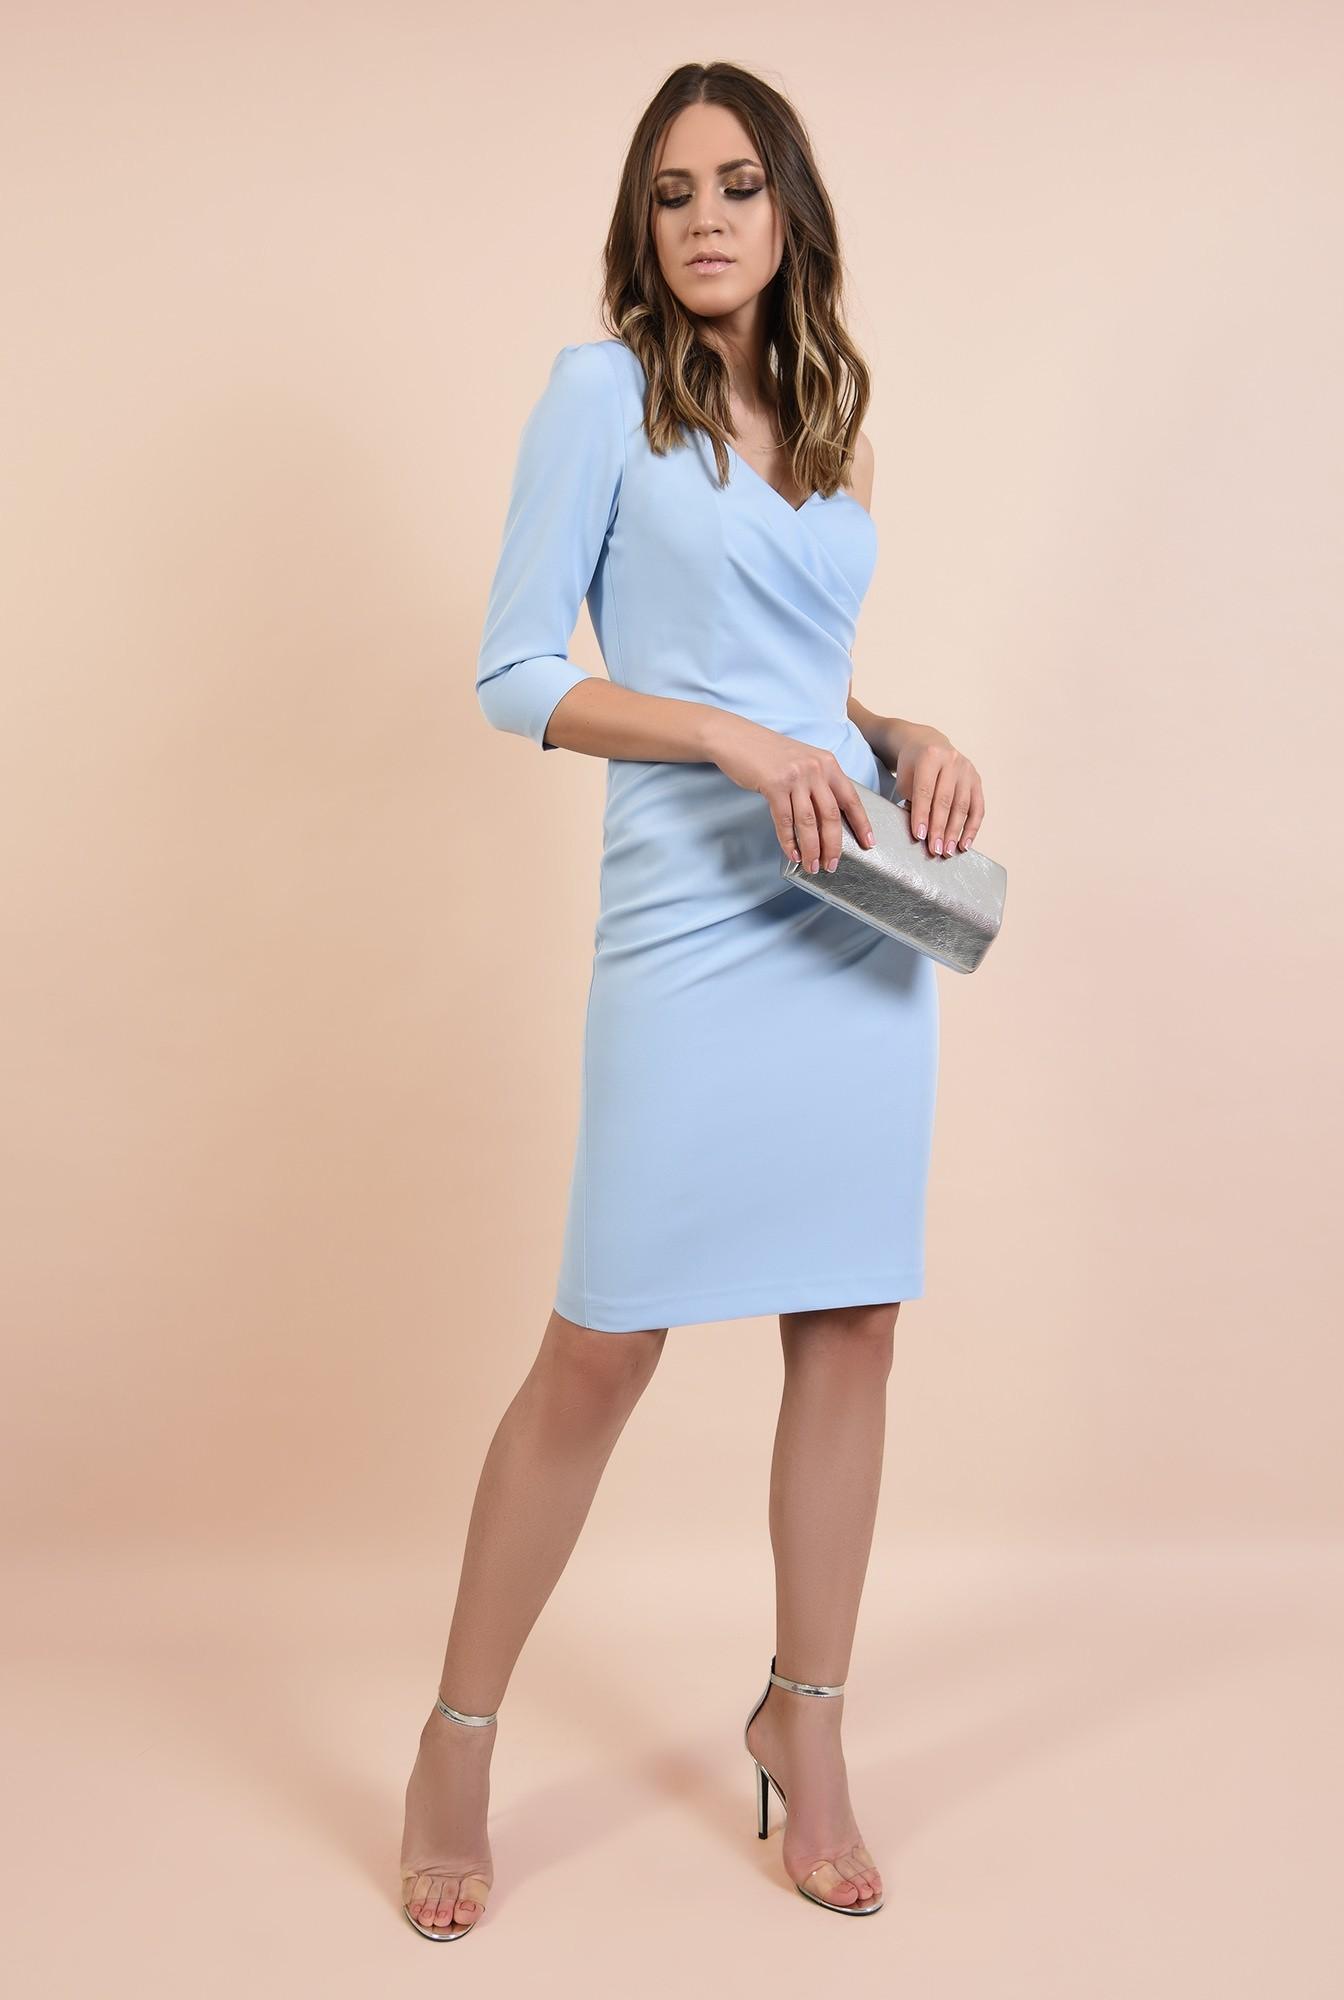 3 - rochie eleganta, midi, bleu, corset, decolteu de inima, conica